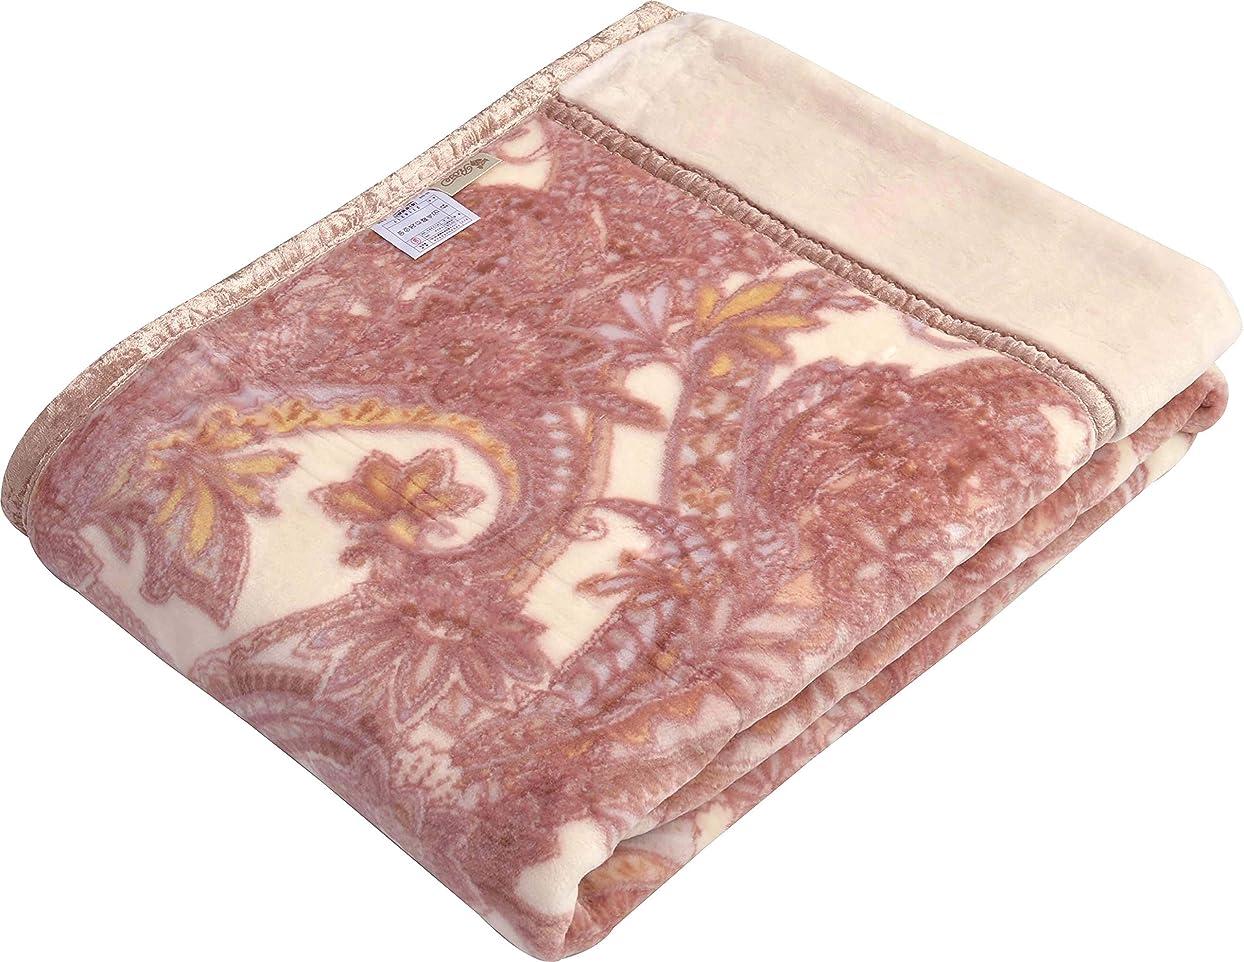 効果望まないとは異なり西川(Nishikawa) 毛布 ピンク シングル 140×200㎝ 日本製 洗える 2枚合わせ毛布 襟付き アクリル ミニファー 2K2488